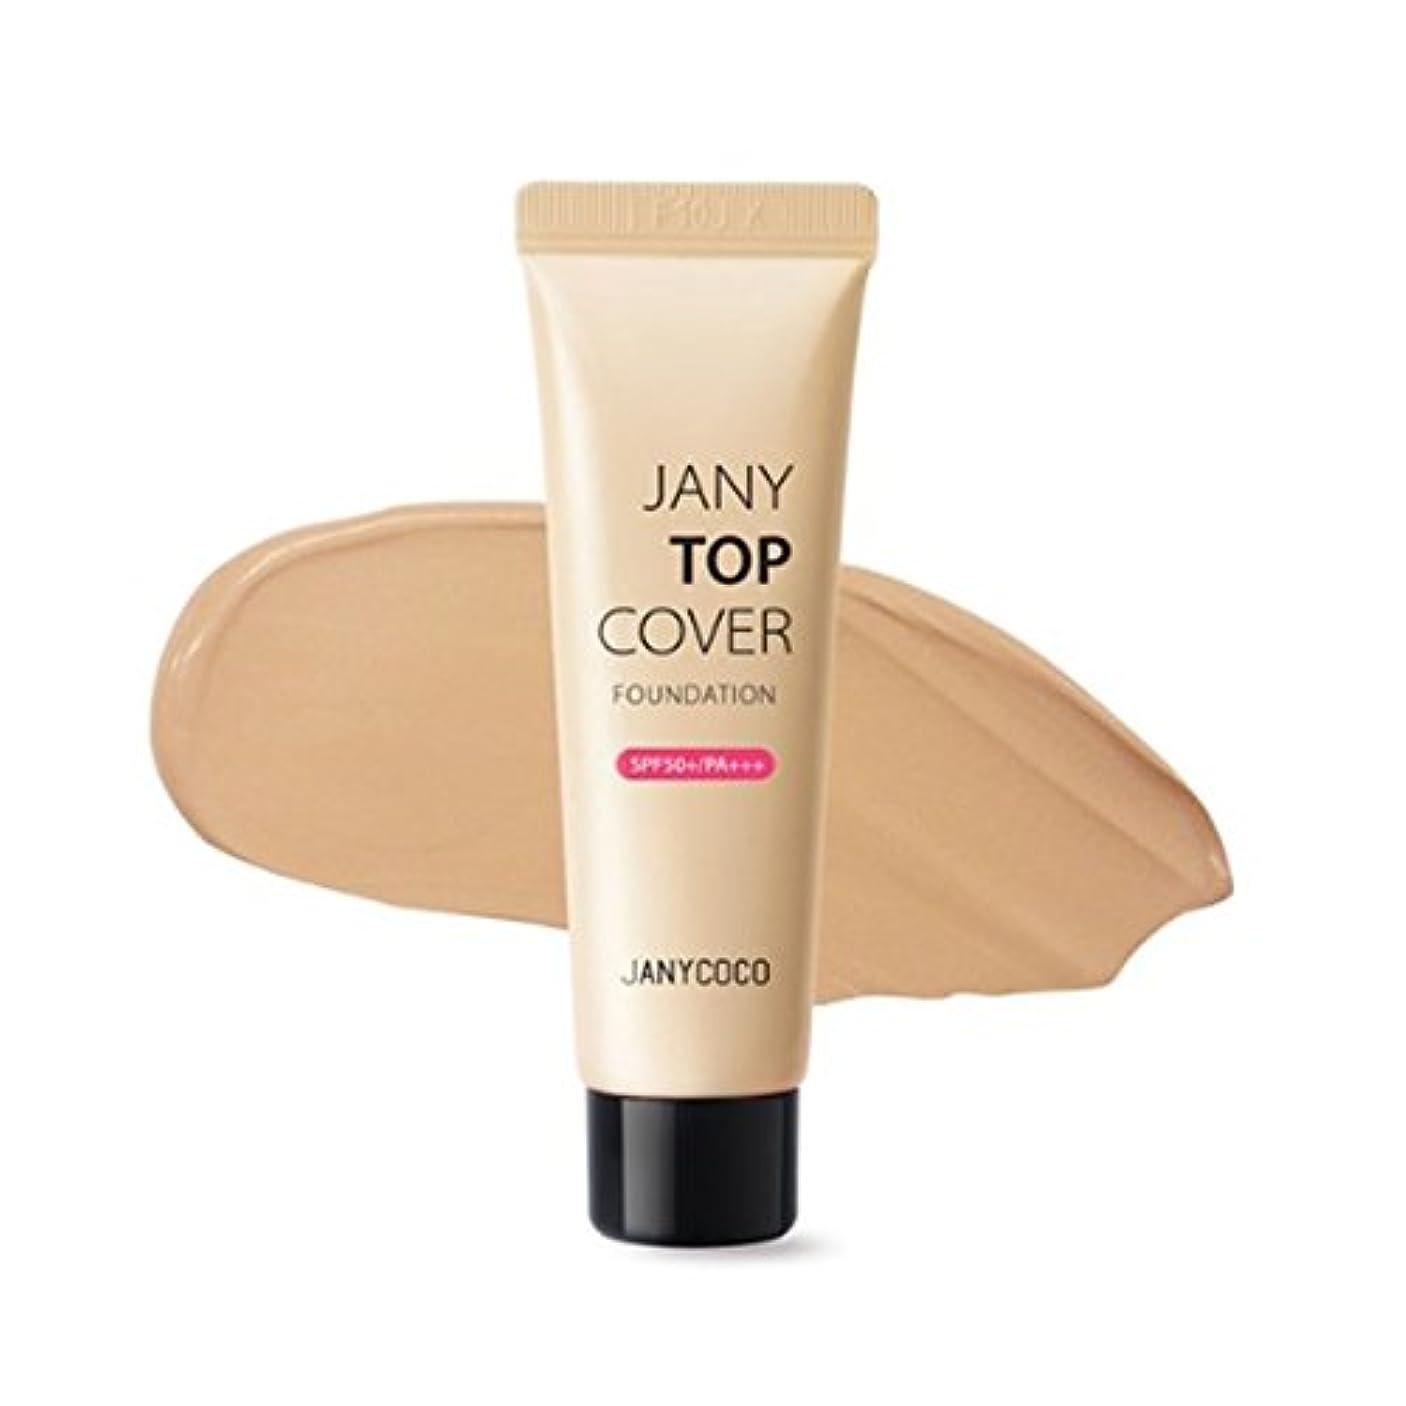 積極的にシロナガスクジラ抵抗ジェニーココジェニートップカバーファンデーション(SPF50+/PA+++)30ml 2カラー、Janycoco Jany Top Cover Foundation (SPF50+/PA+++) 30ml 2 Colors...